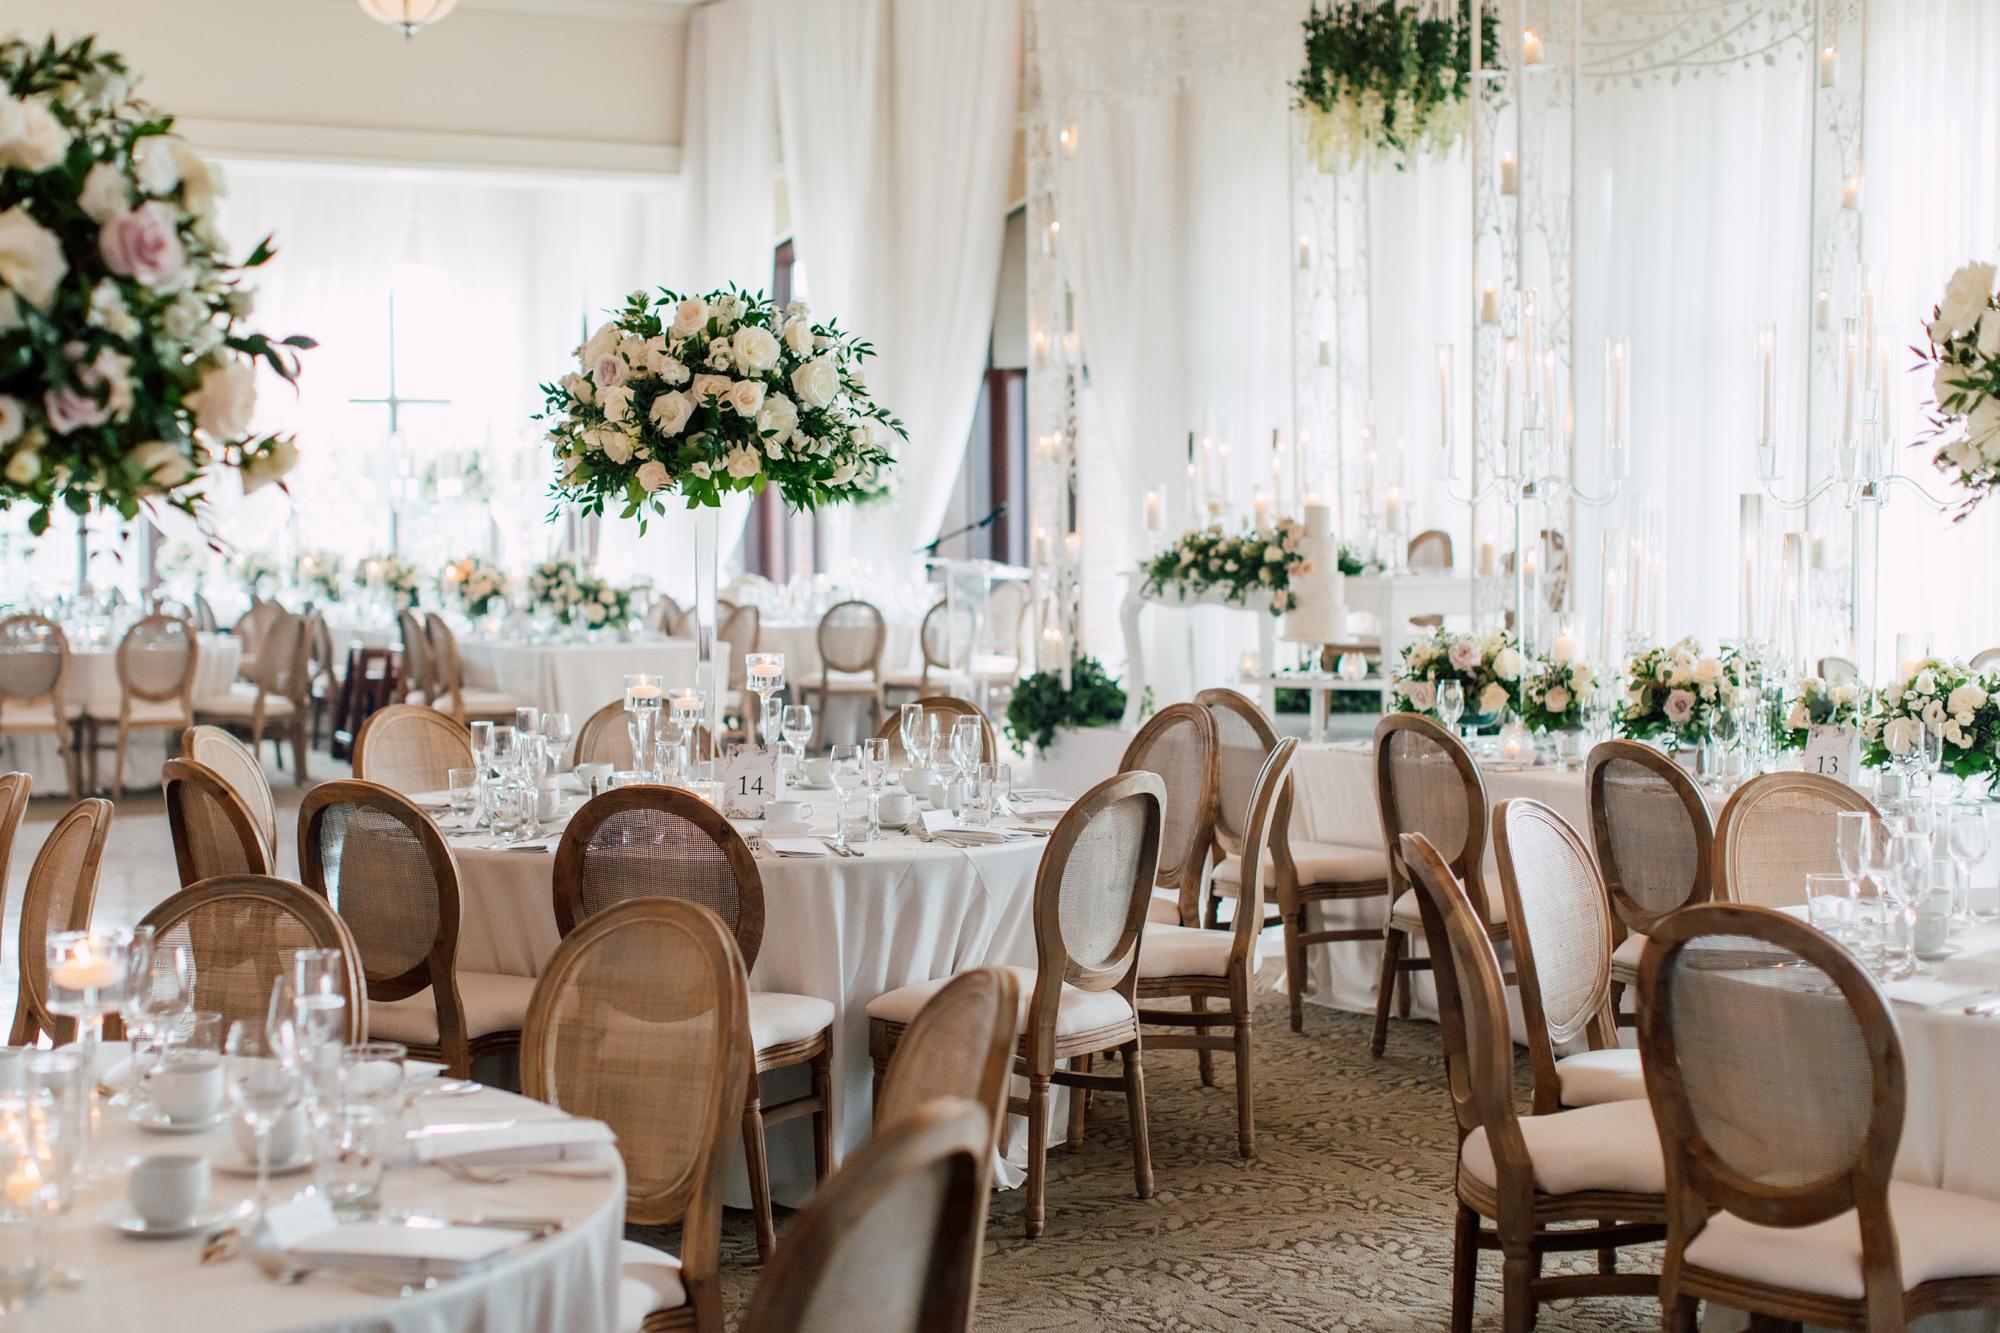 detailz couture wedding